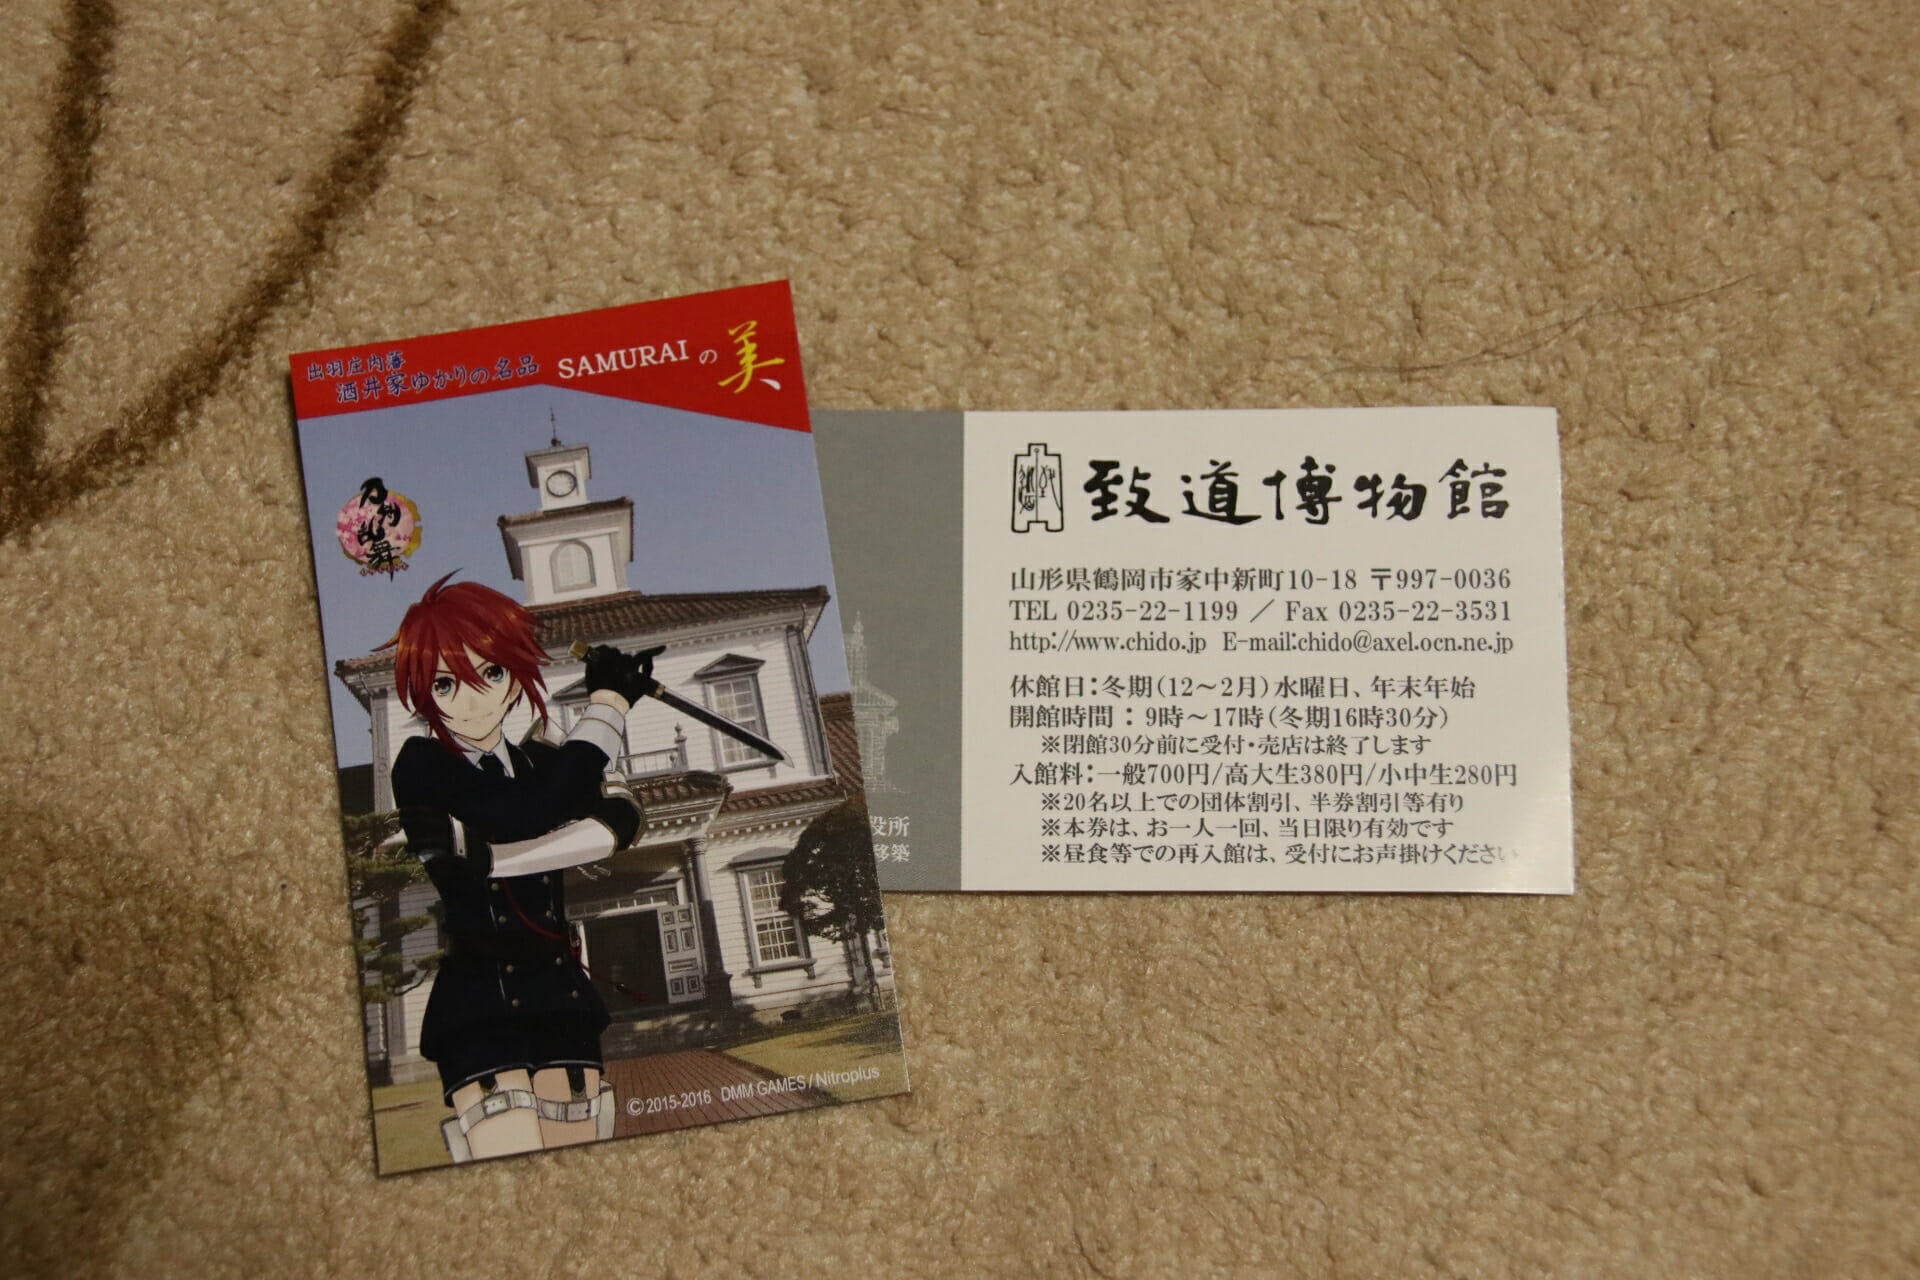 致道博物館 信濃藤四郎